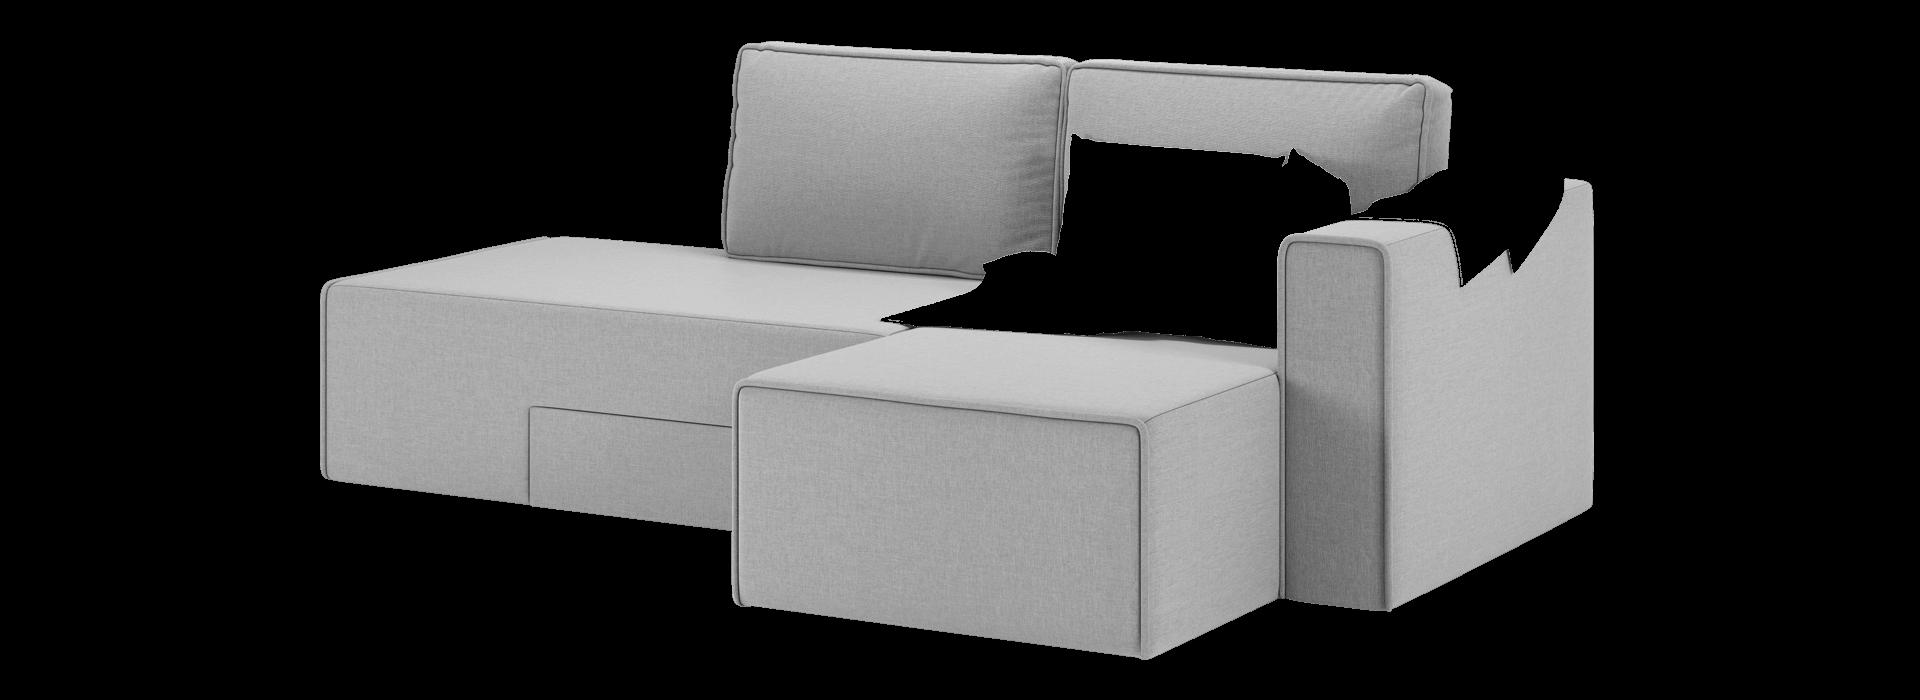 Лоренс кутовий поворотний диван - маска 3